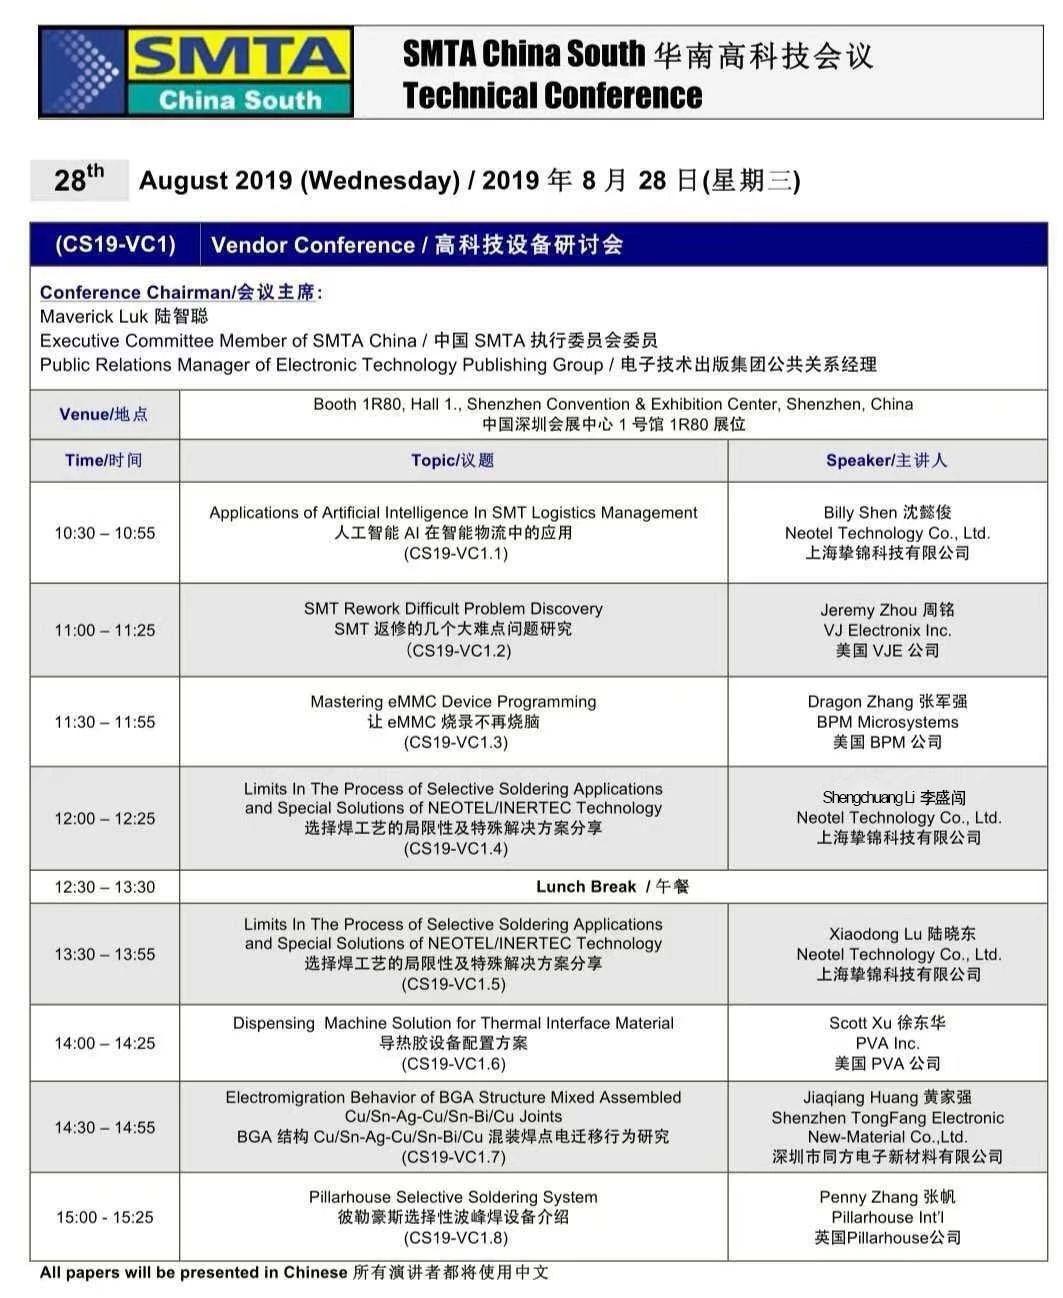 8月28日--SMTA华南高科技会议